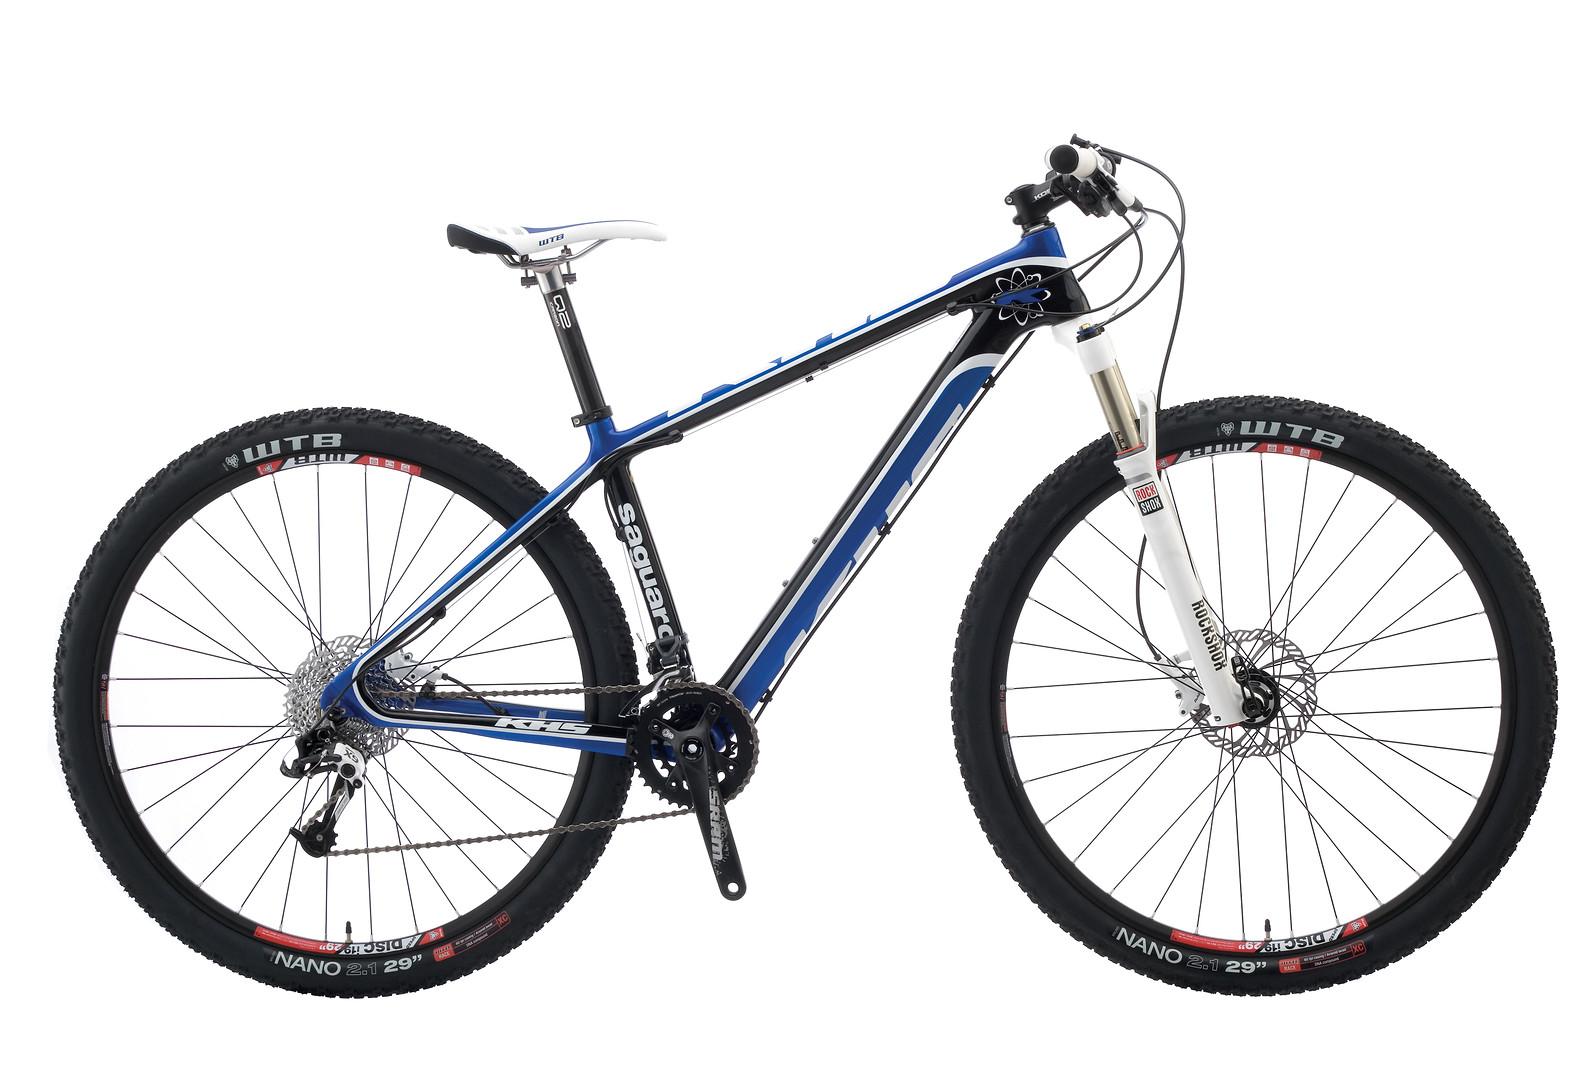 2013 KHS Saguaro Bike 2013 Saguaro Blue